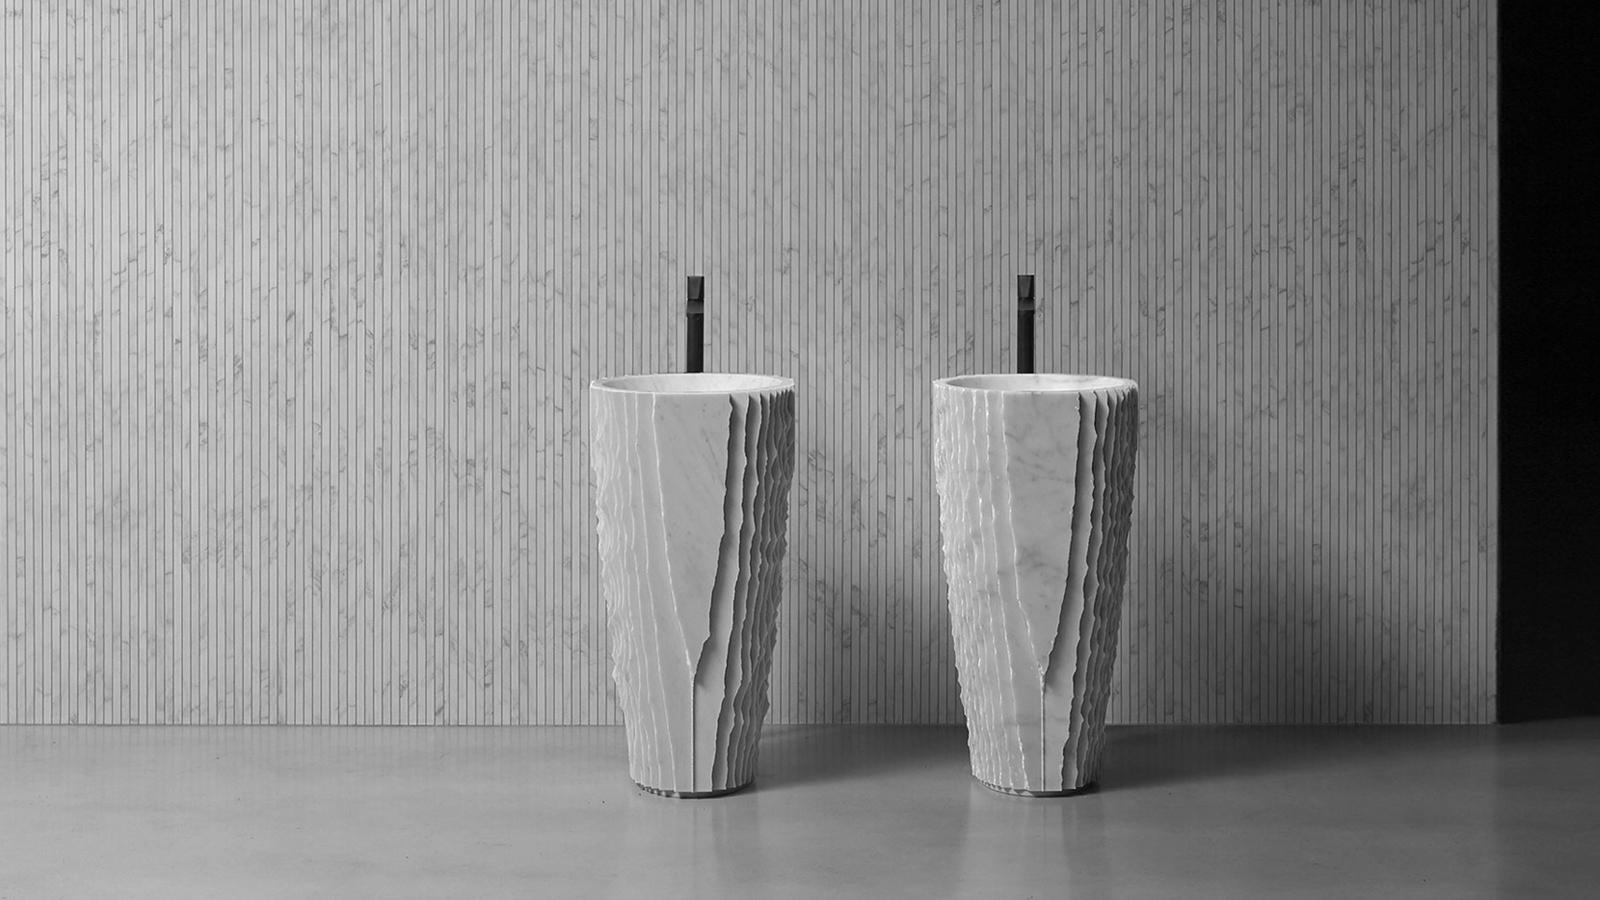 A Controverso mosdónak már a neve is beszédes: a fürdőszobai elem csupa ellentmodásokból építkezik. Technológia és természet, ősi és kortárs művészet - ezeket az ellentéteket találkoztatja a Controverso. A szobrokhoz hasonlóan ez a mosdó is - gépi megmunkálás után - kézi faragással készül, ez az alaposság tisztelet a nemes márvány anyag felé. A kézművesség és a modern technológia határán készült darab plasztikus elemeivel, precíz részleteivel és luxus márvány kivitelésével bármely kortárs fürdőszobai enteriőr ékes darabja lehet.